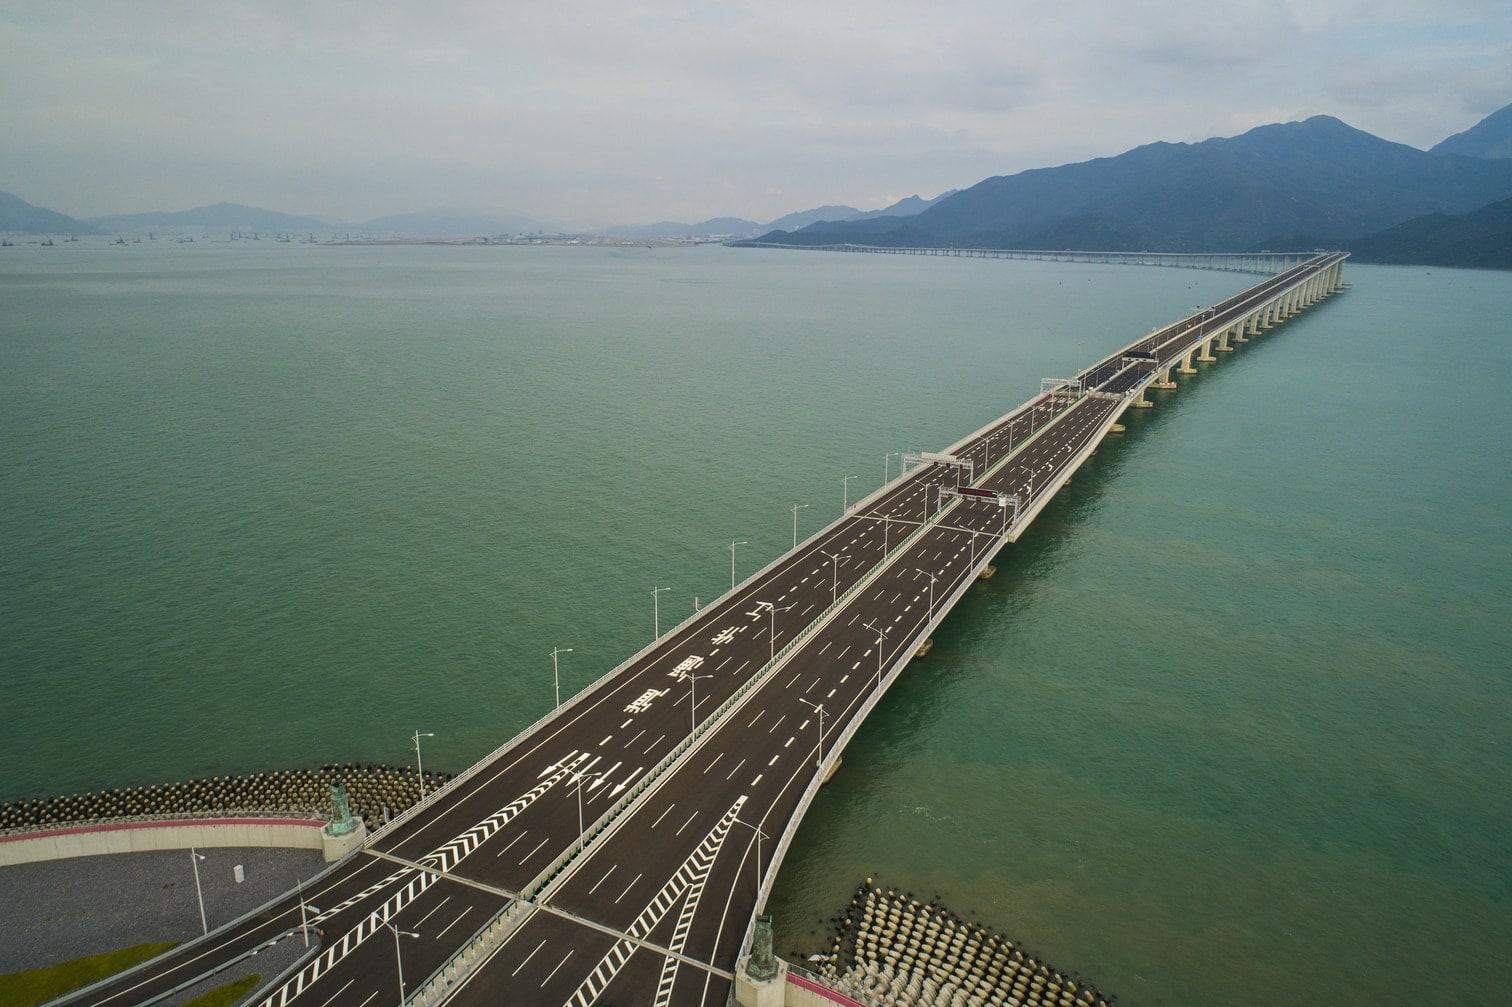 <p>Die Region zählt zu den wirtschaftlich stärksten in ganz China. Kritiker des Mammutprojekts beklagen die hohen Kosten